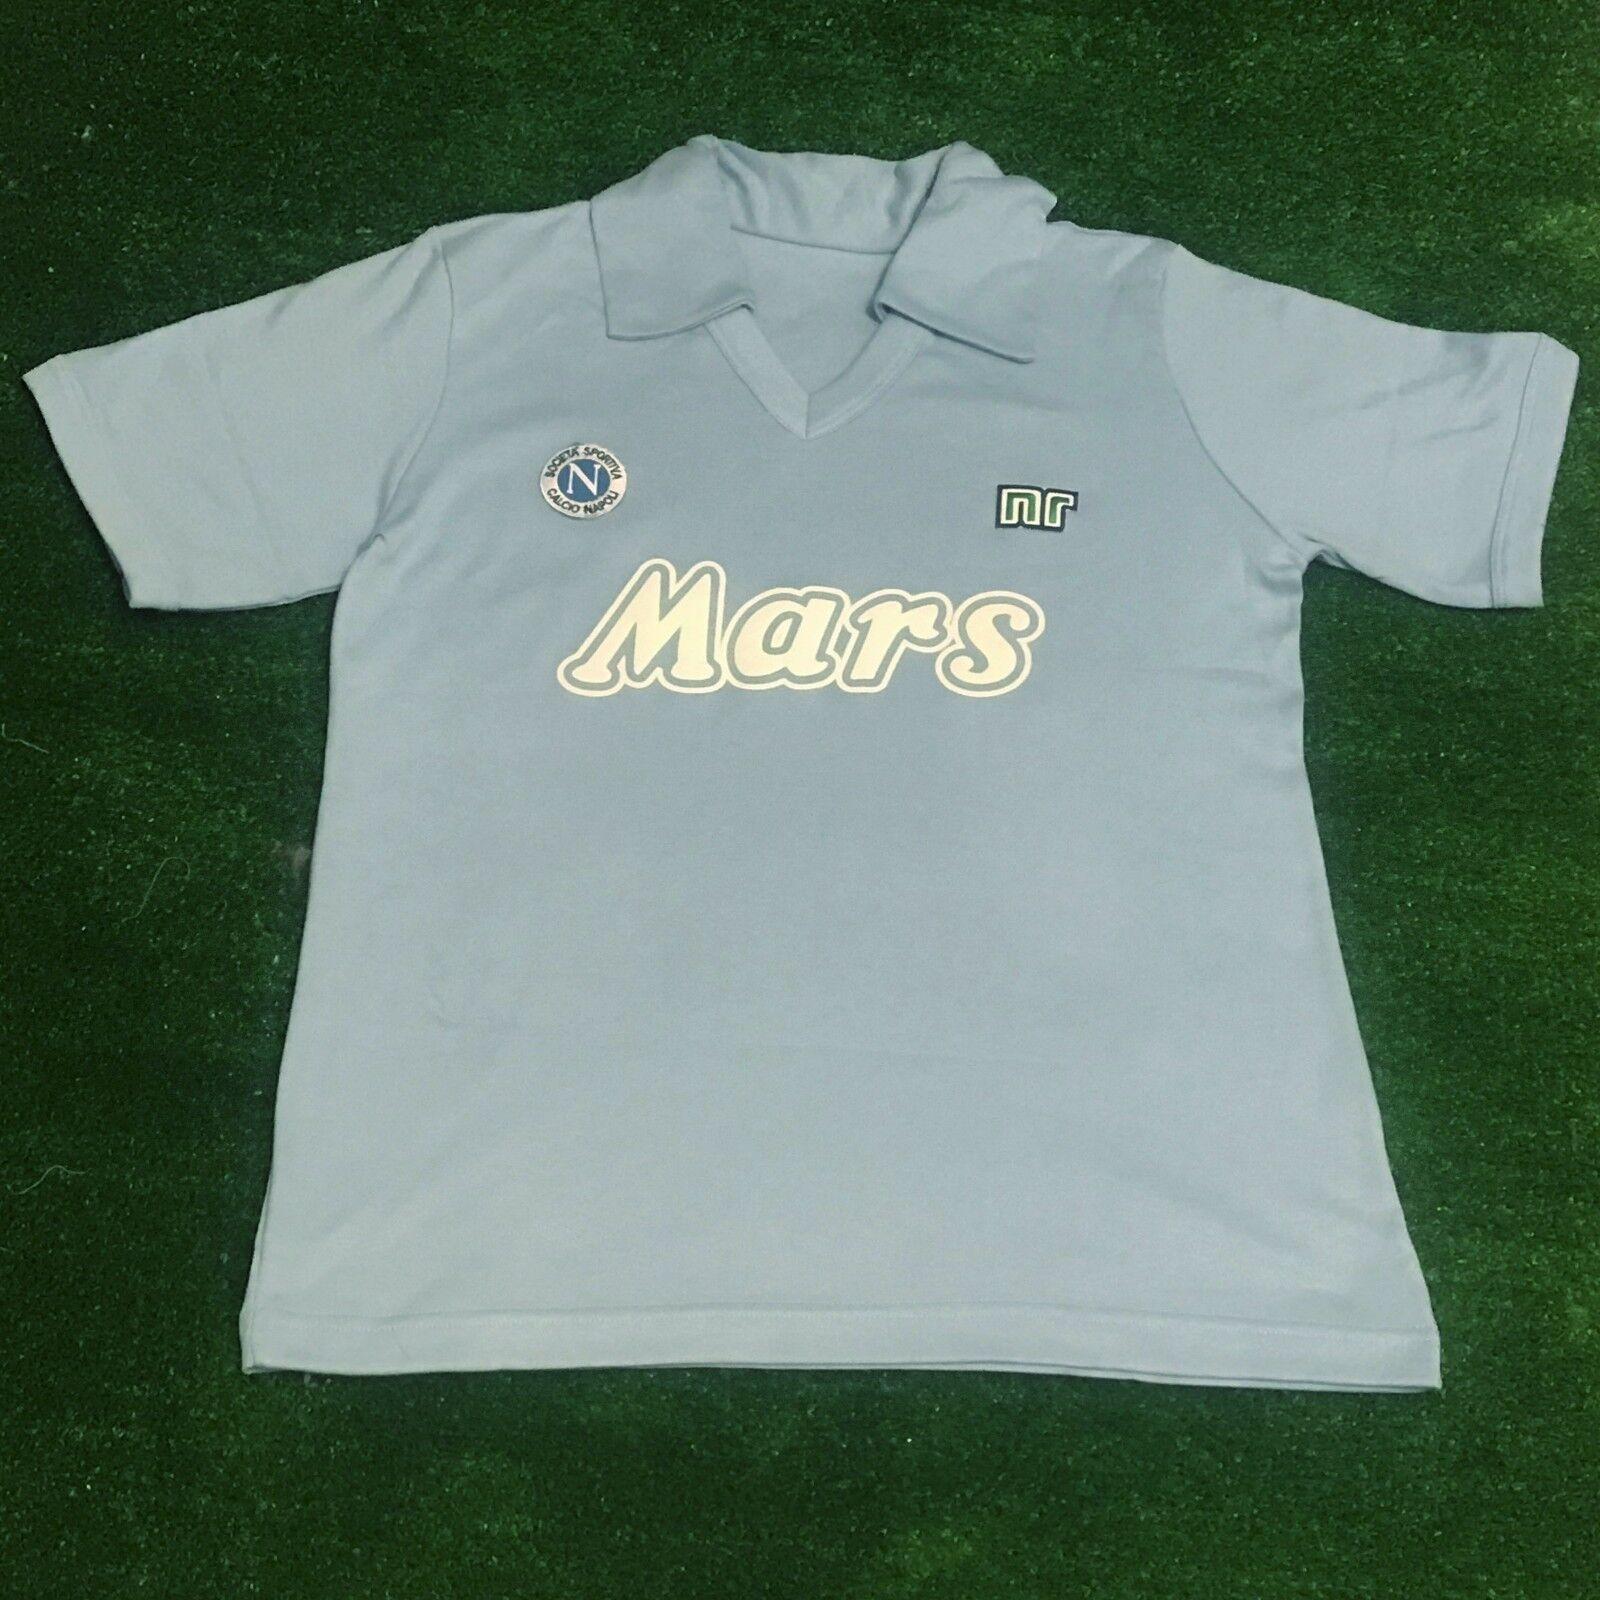 Maradona Napoli Mars Retro Scudetto 1988 1988 1988 Soccer Jersey 0ccd3a